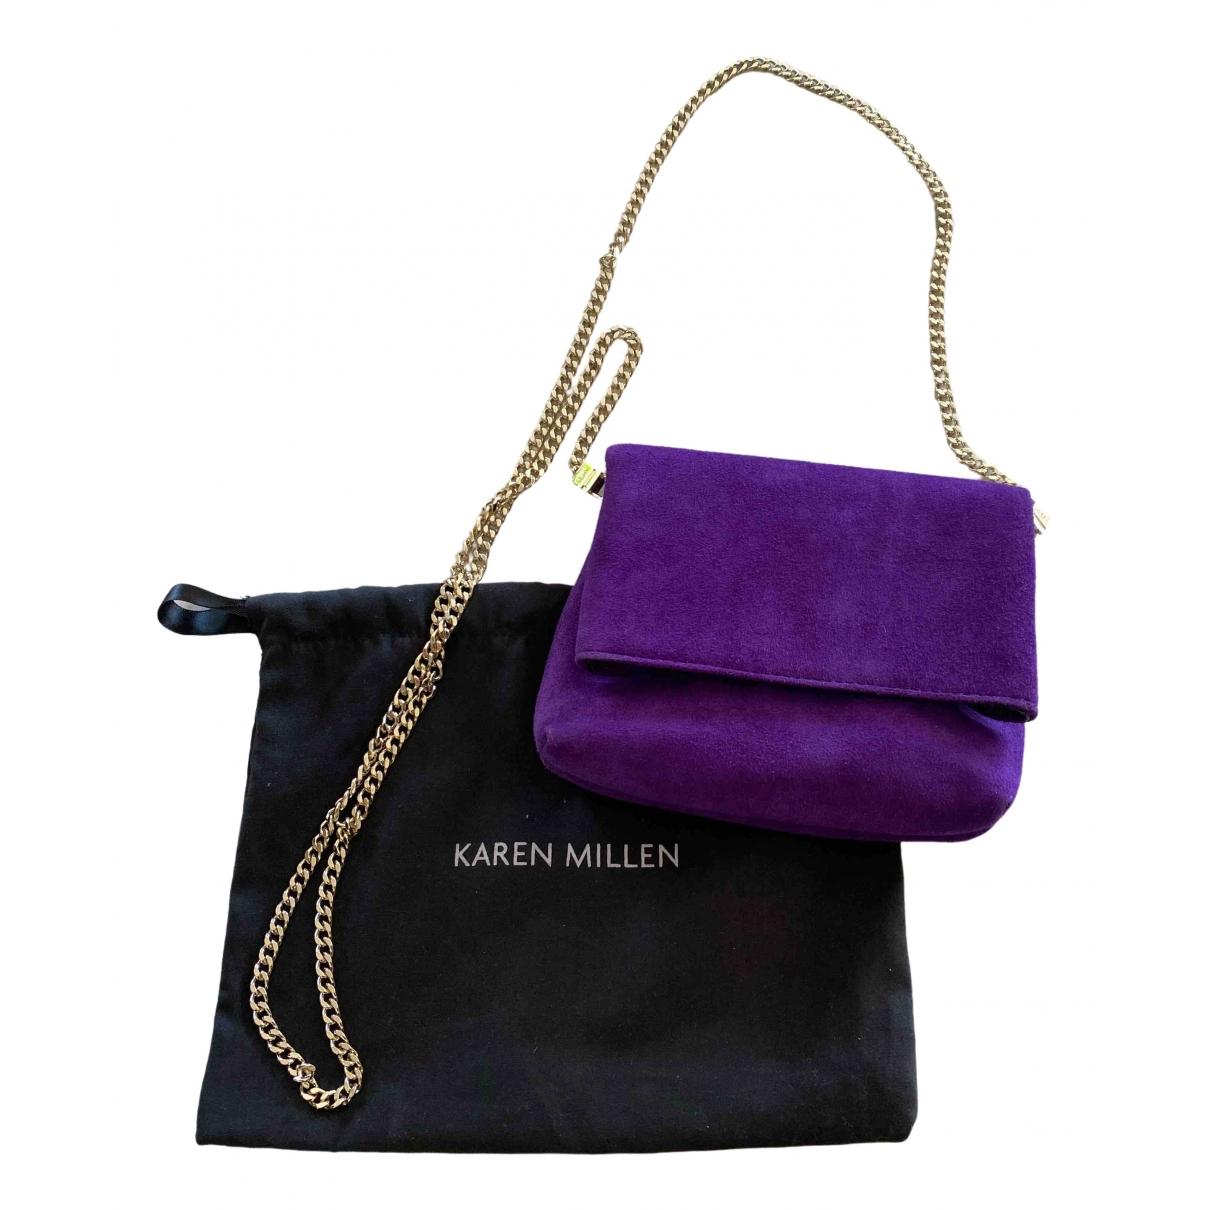 Karen Millen - Sac a main   pour femme en cuir - violet